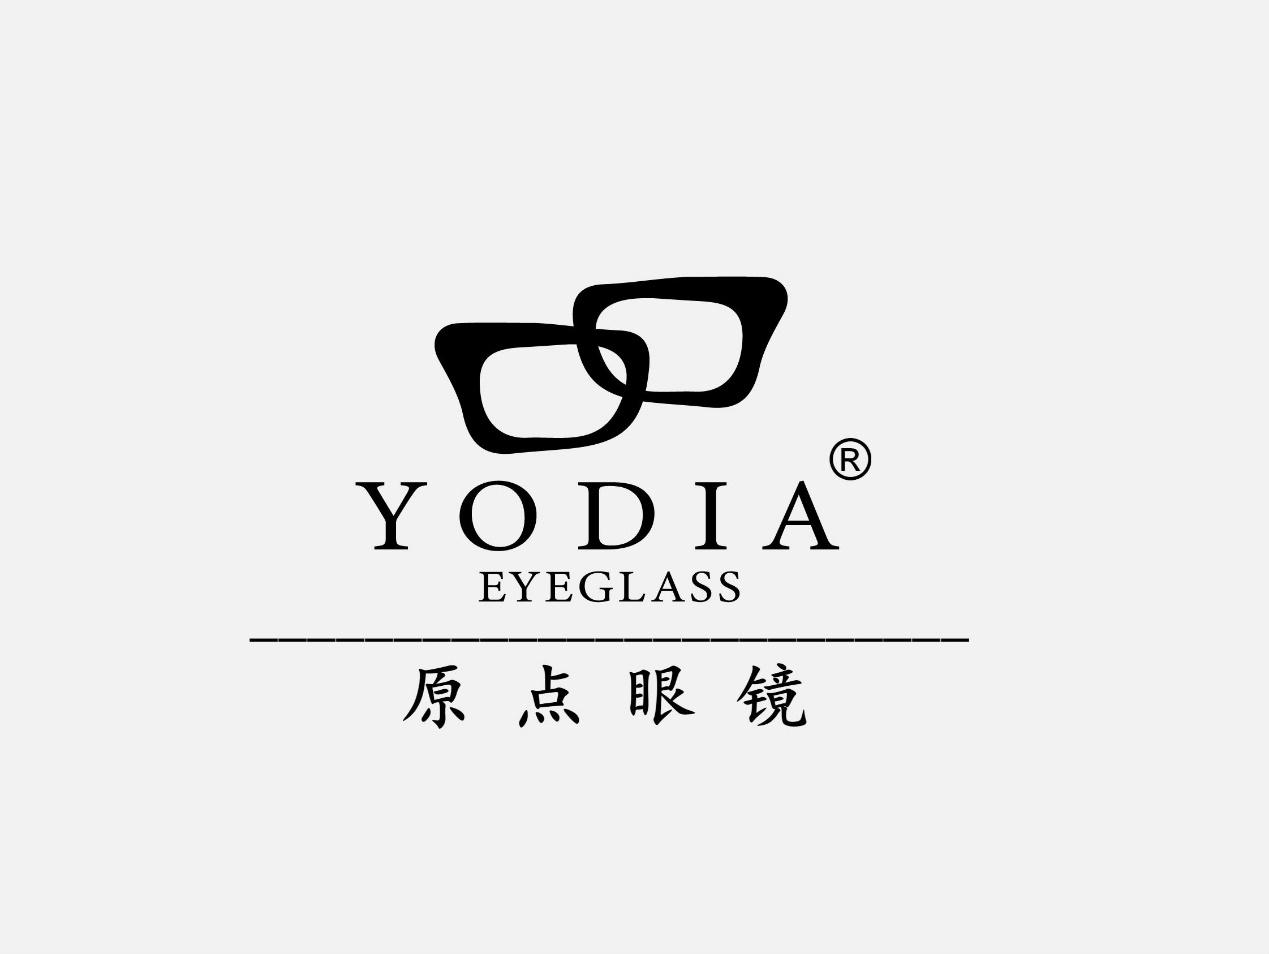 猛料| 小编推荐!大连市十大口碑眼镜店排名